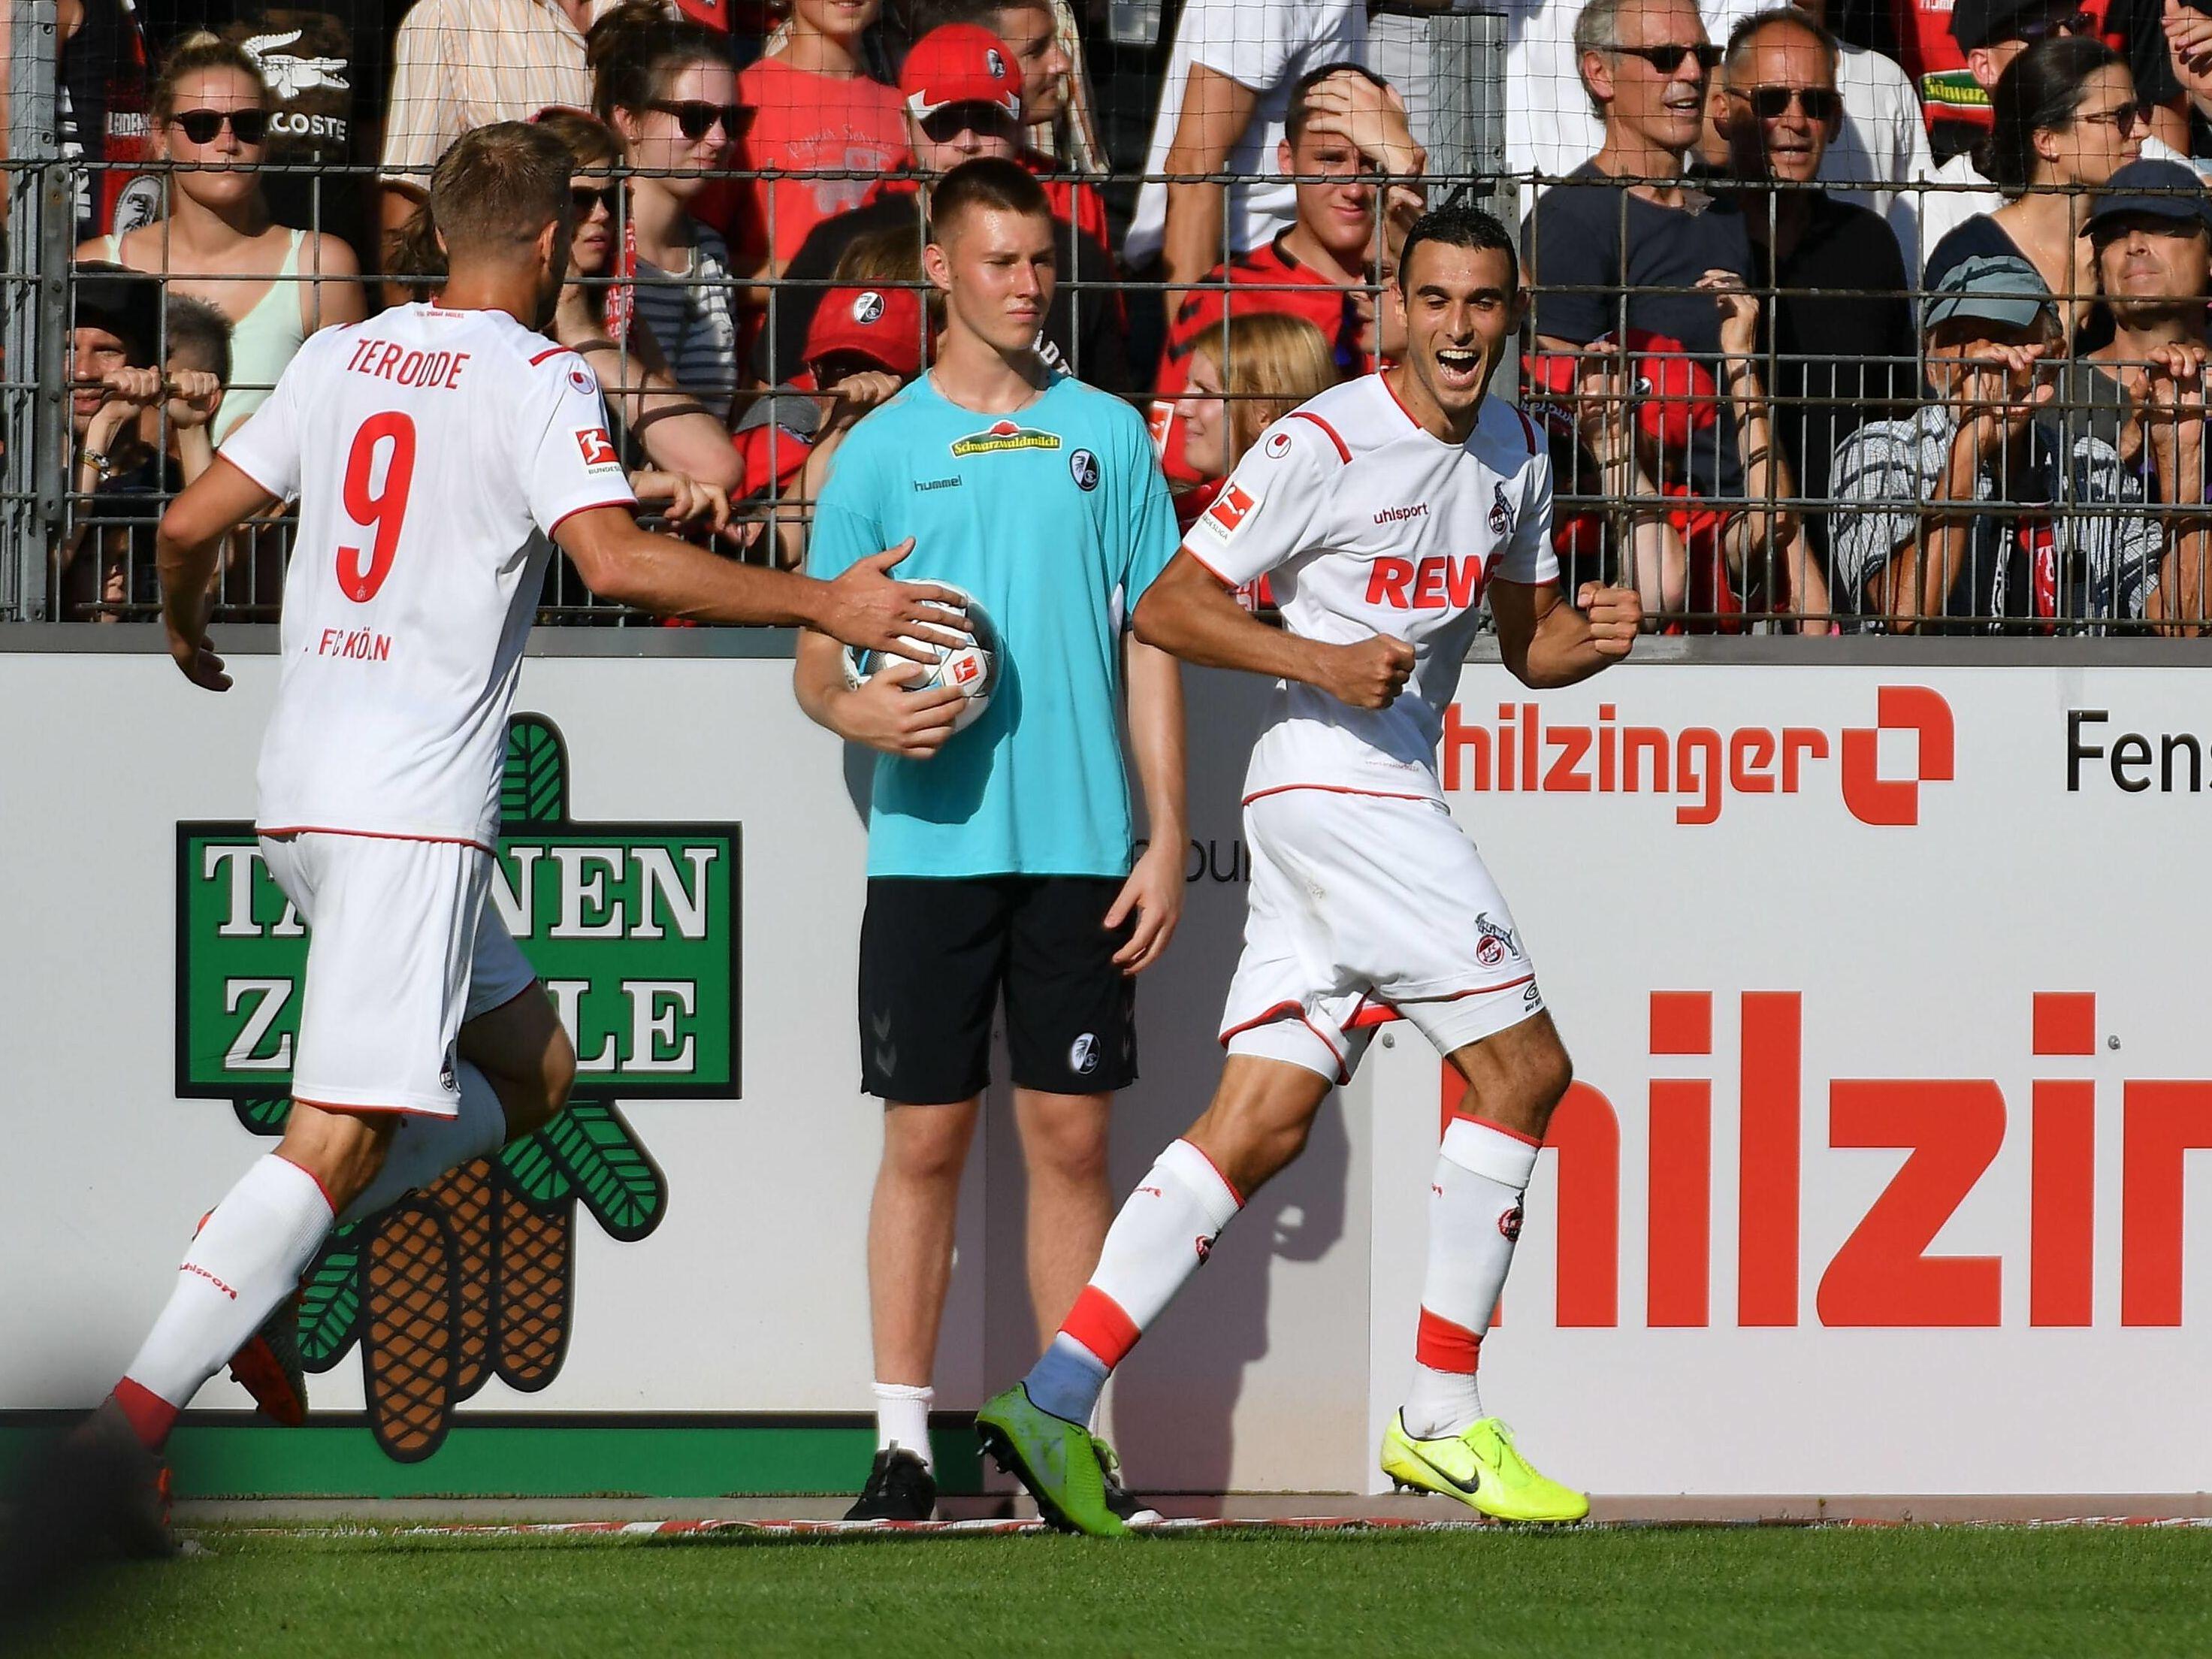 Jubel in der Nachspielzeit: Kölns Skhiri macht das 2:1 in Freiburg.